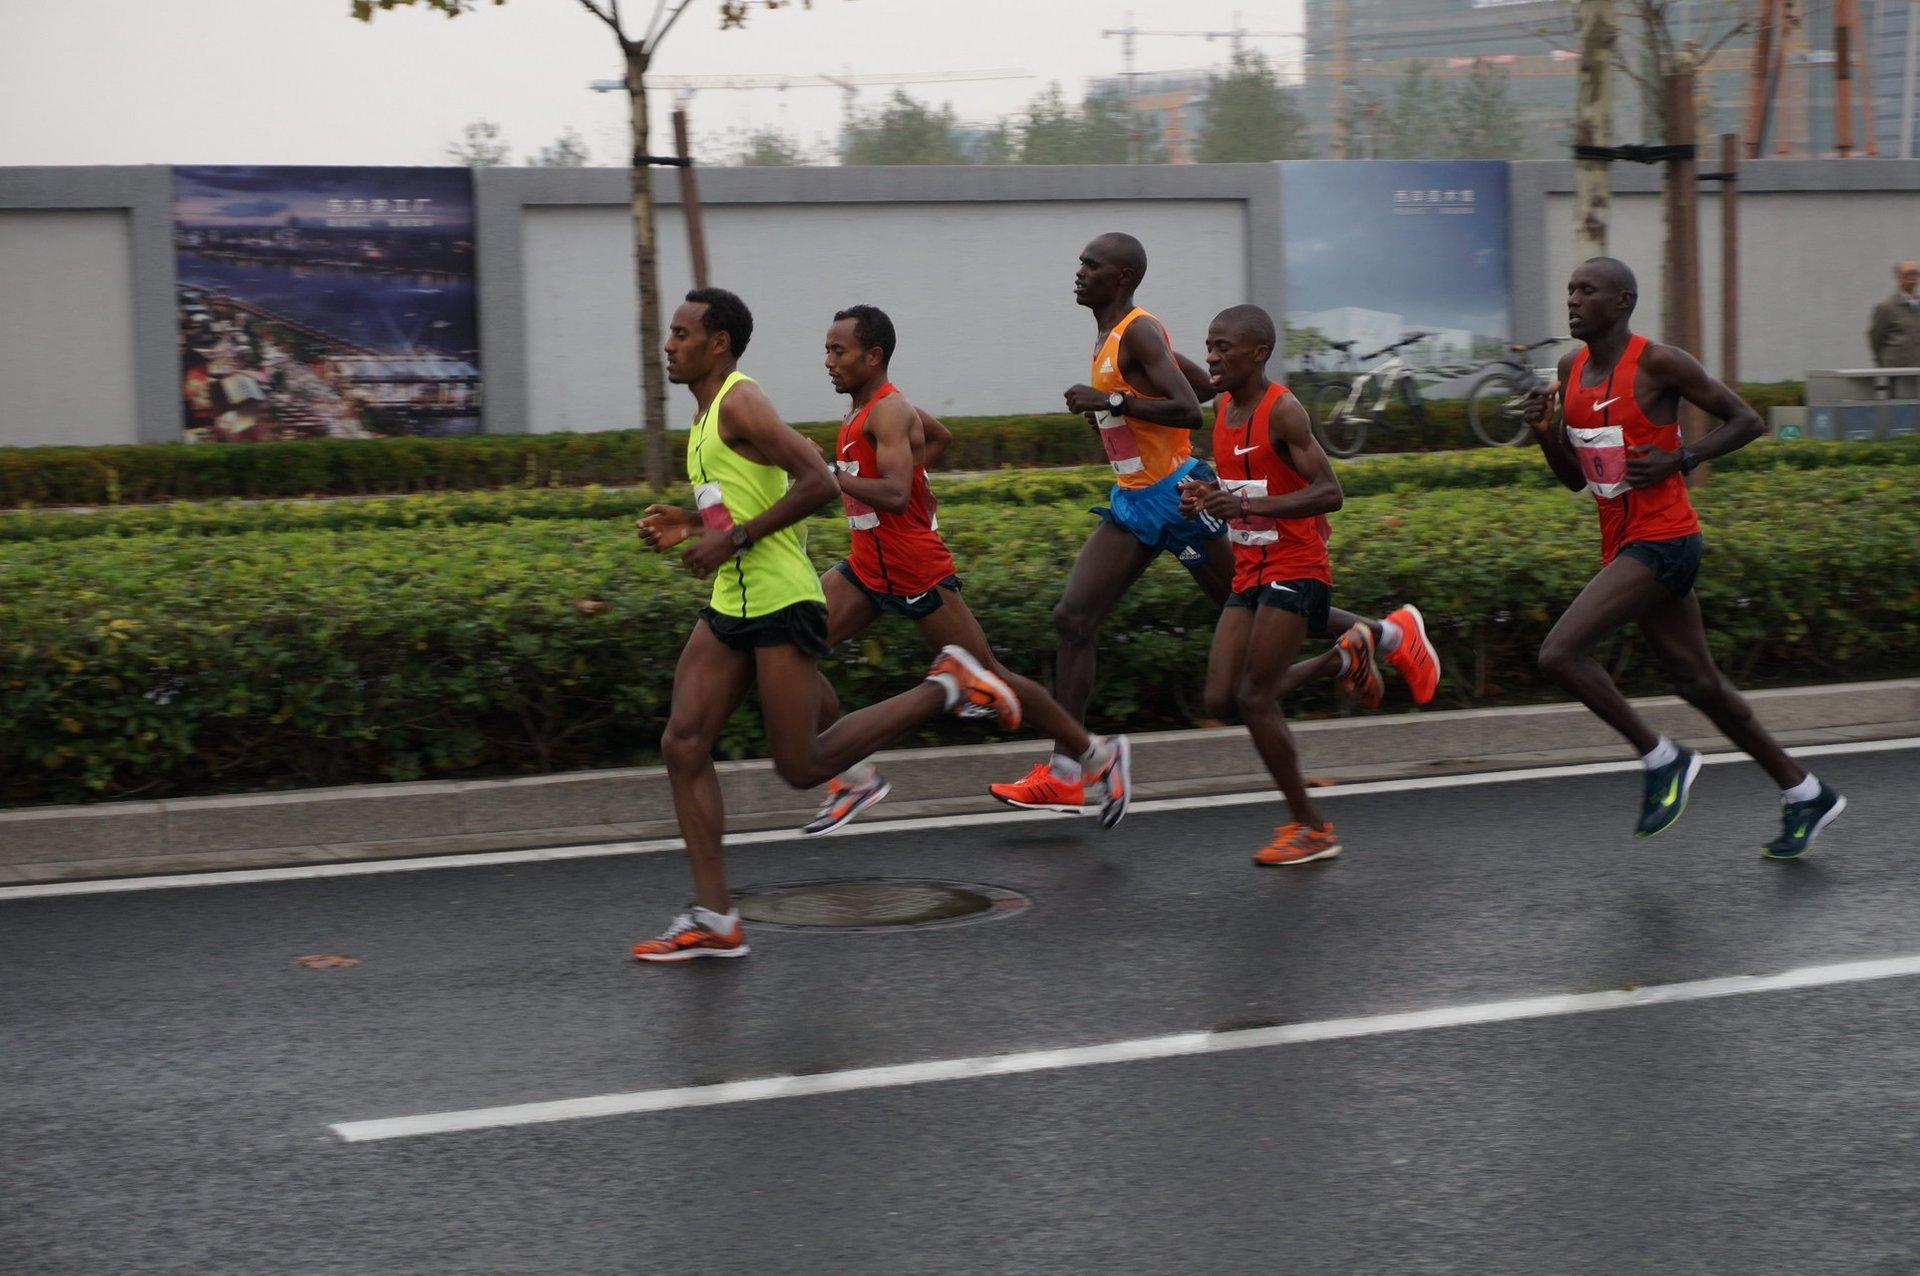 Shanghai International Marathon in Shanghai - Best Season 2019